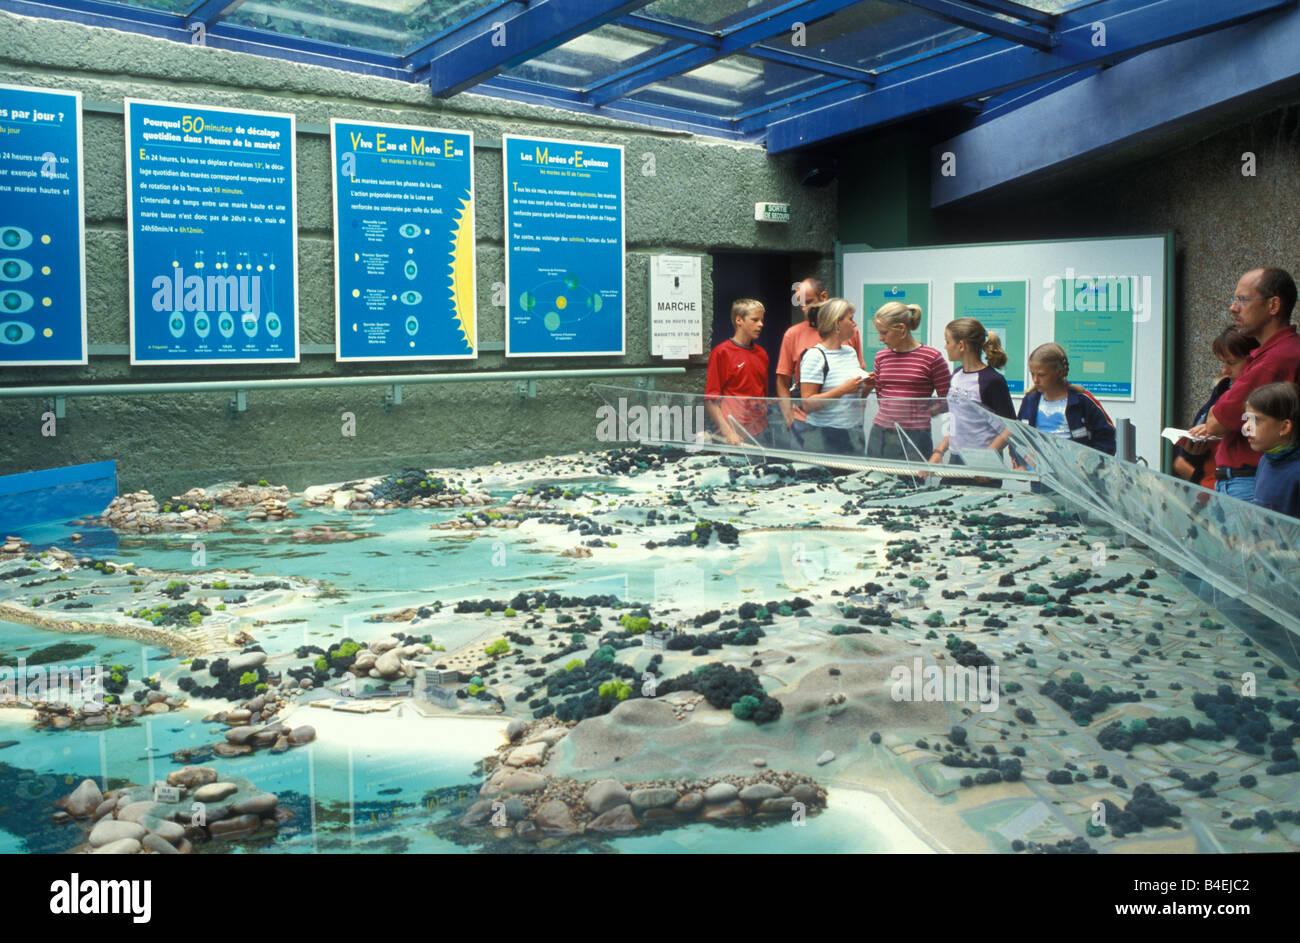 Oceanic Aquarium Aquarium Marin with Tidalmodel in Tregastel Brittany France - Stock Image